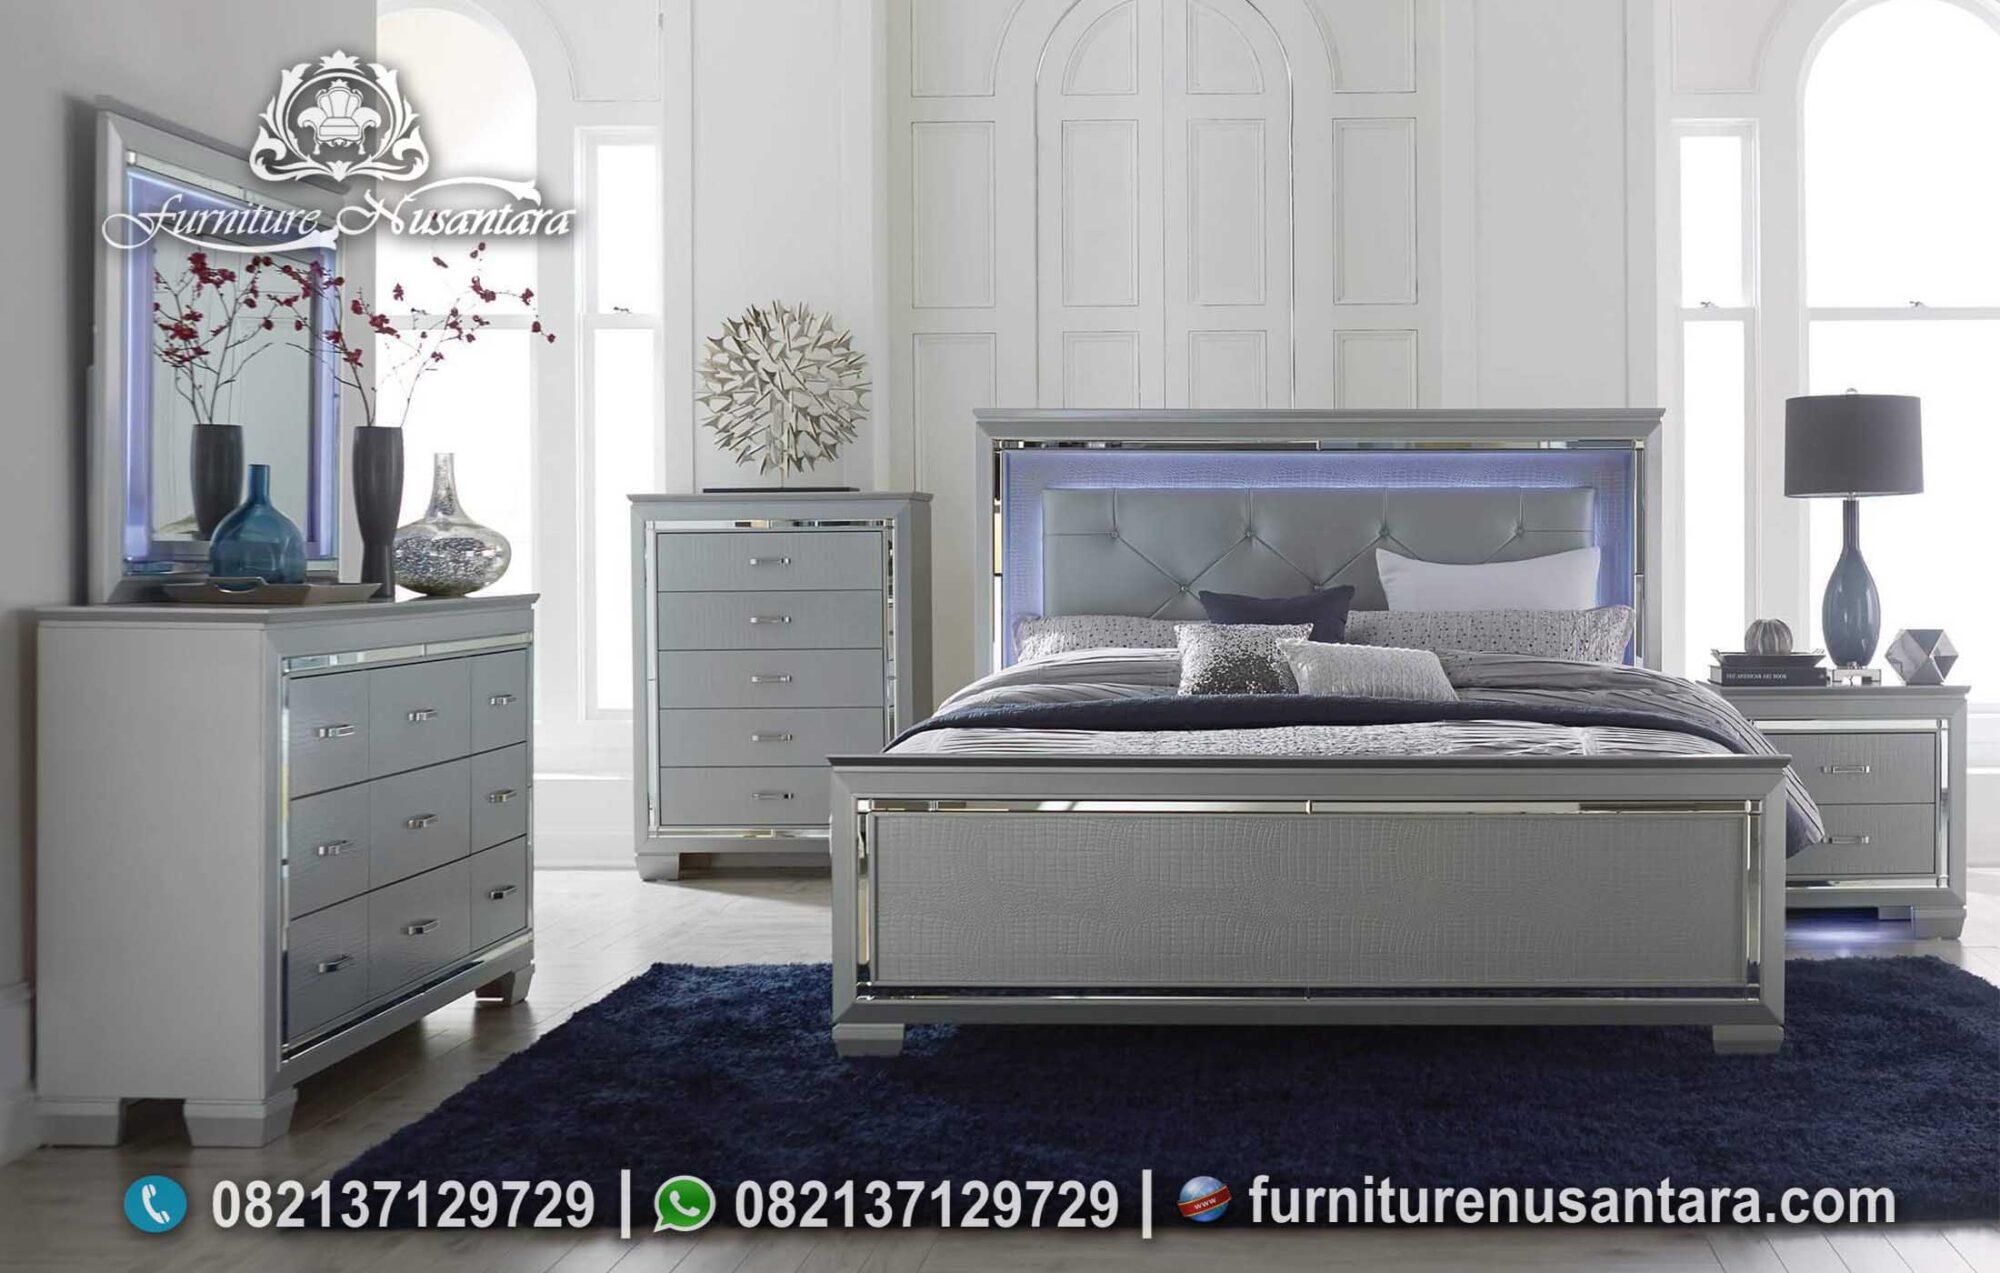 Desain Tempat Tidur Apartemen Minimalis Modern KS-150, Furniture Nusantara